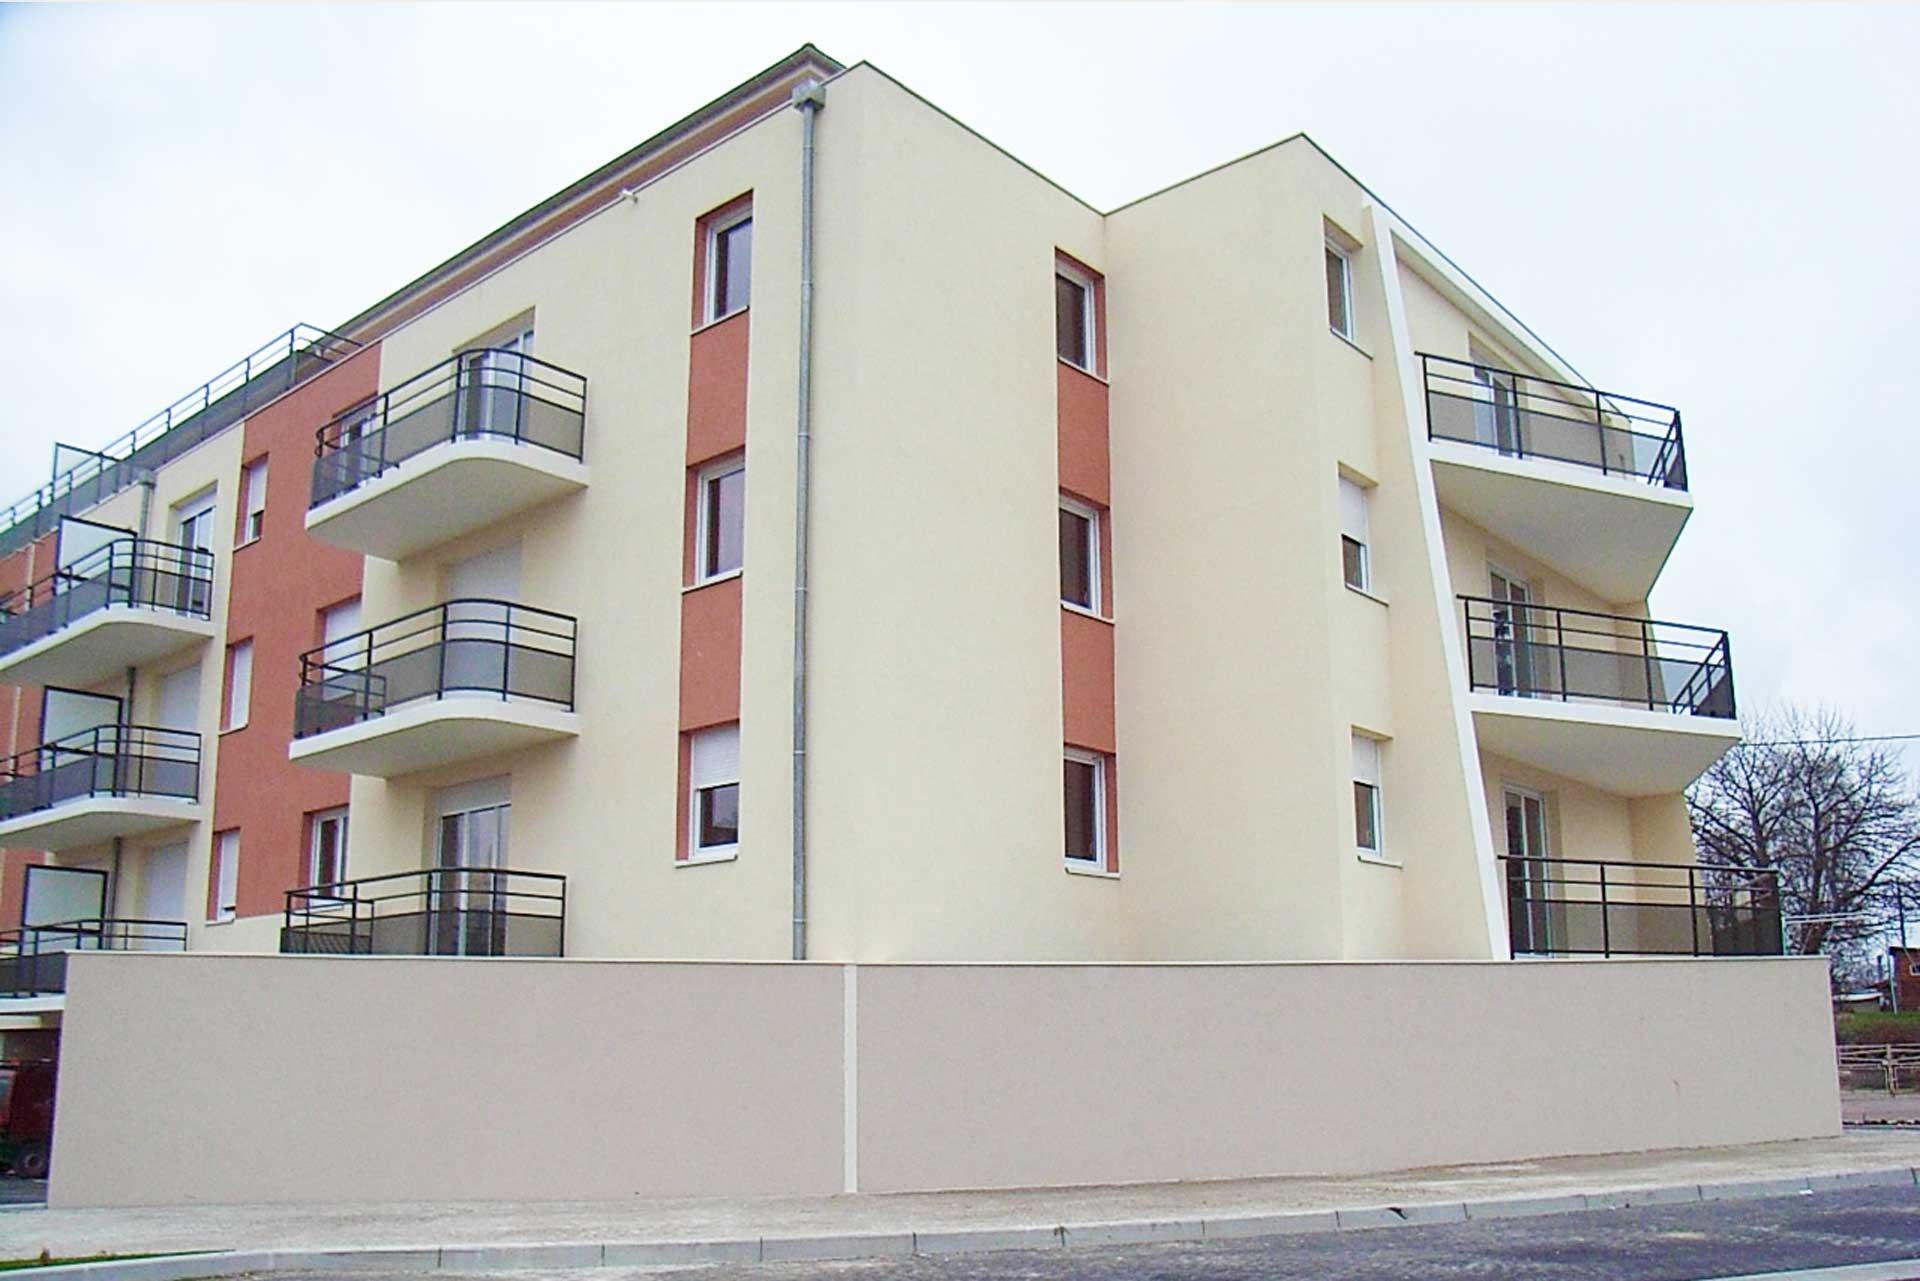 123-logement-libellules-img-(3)